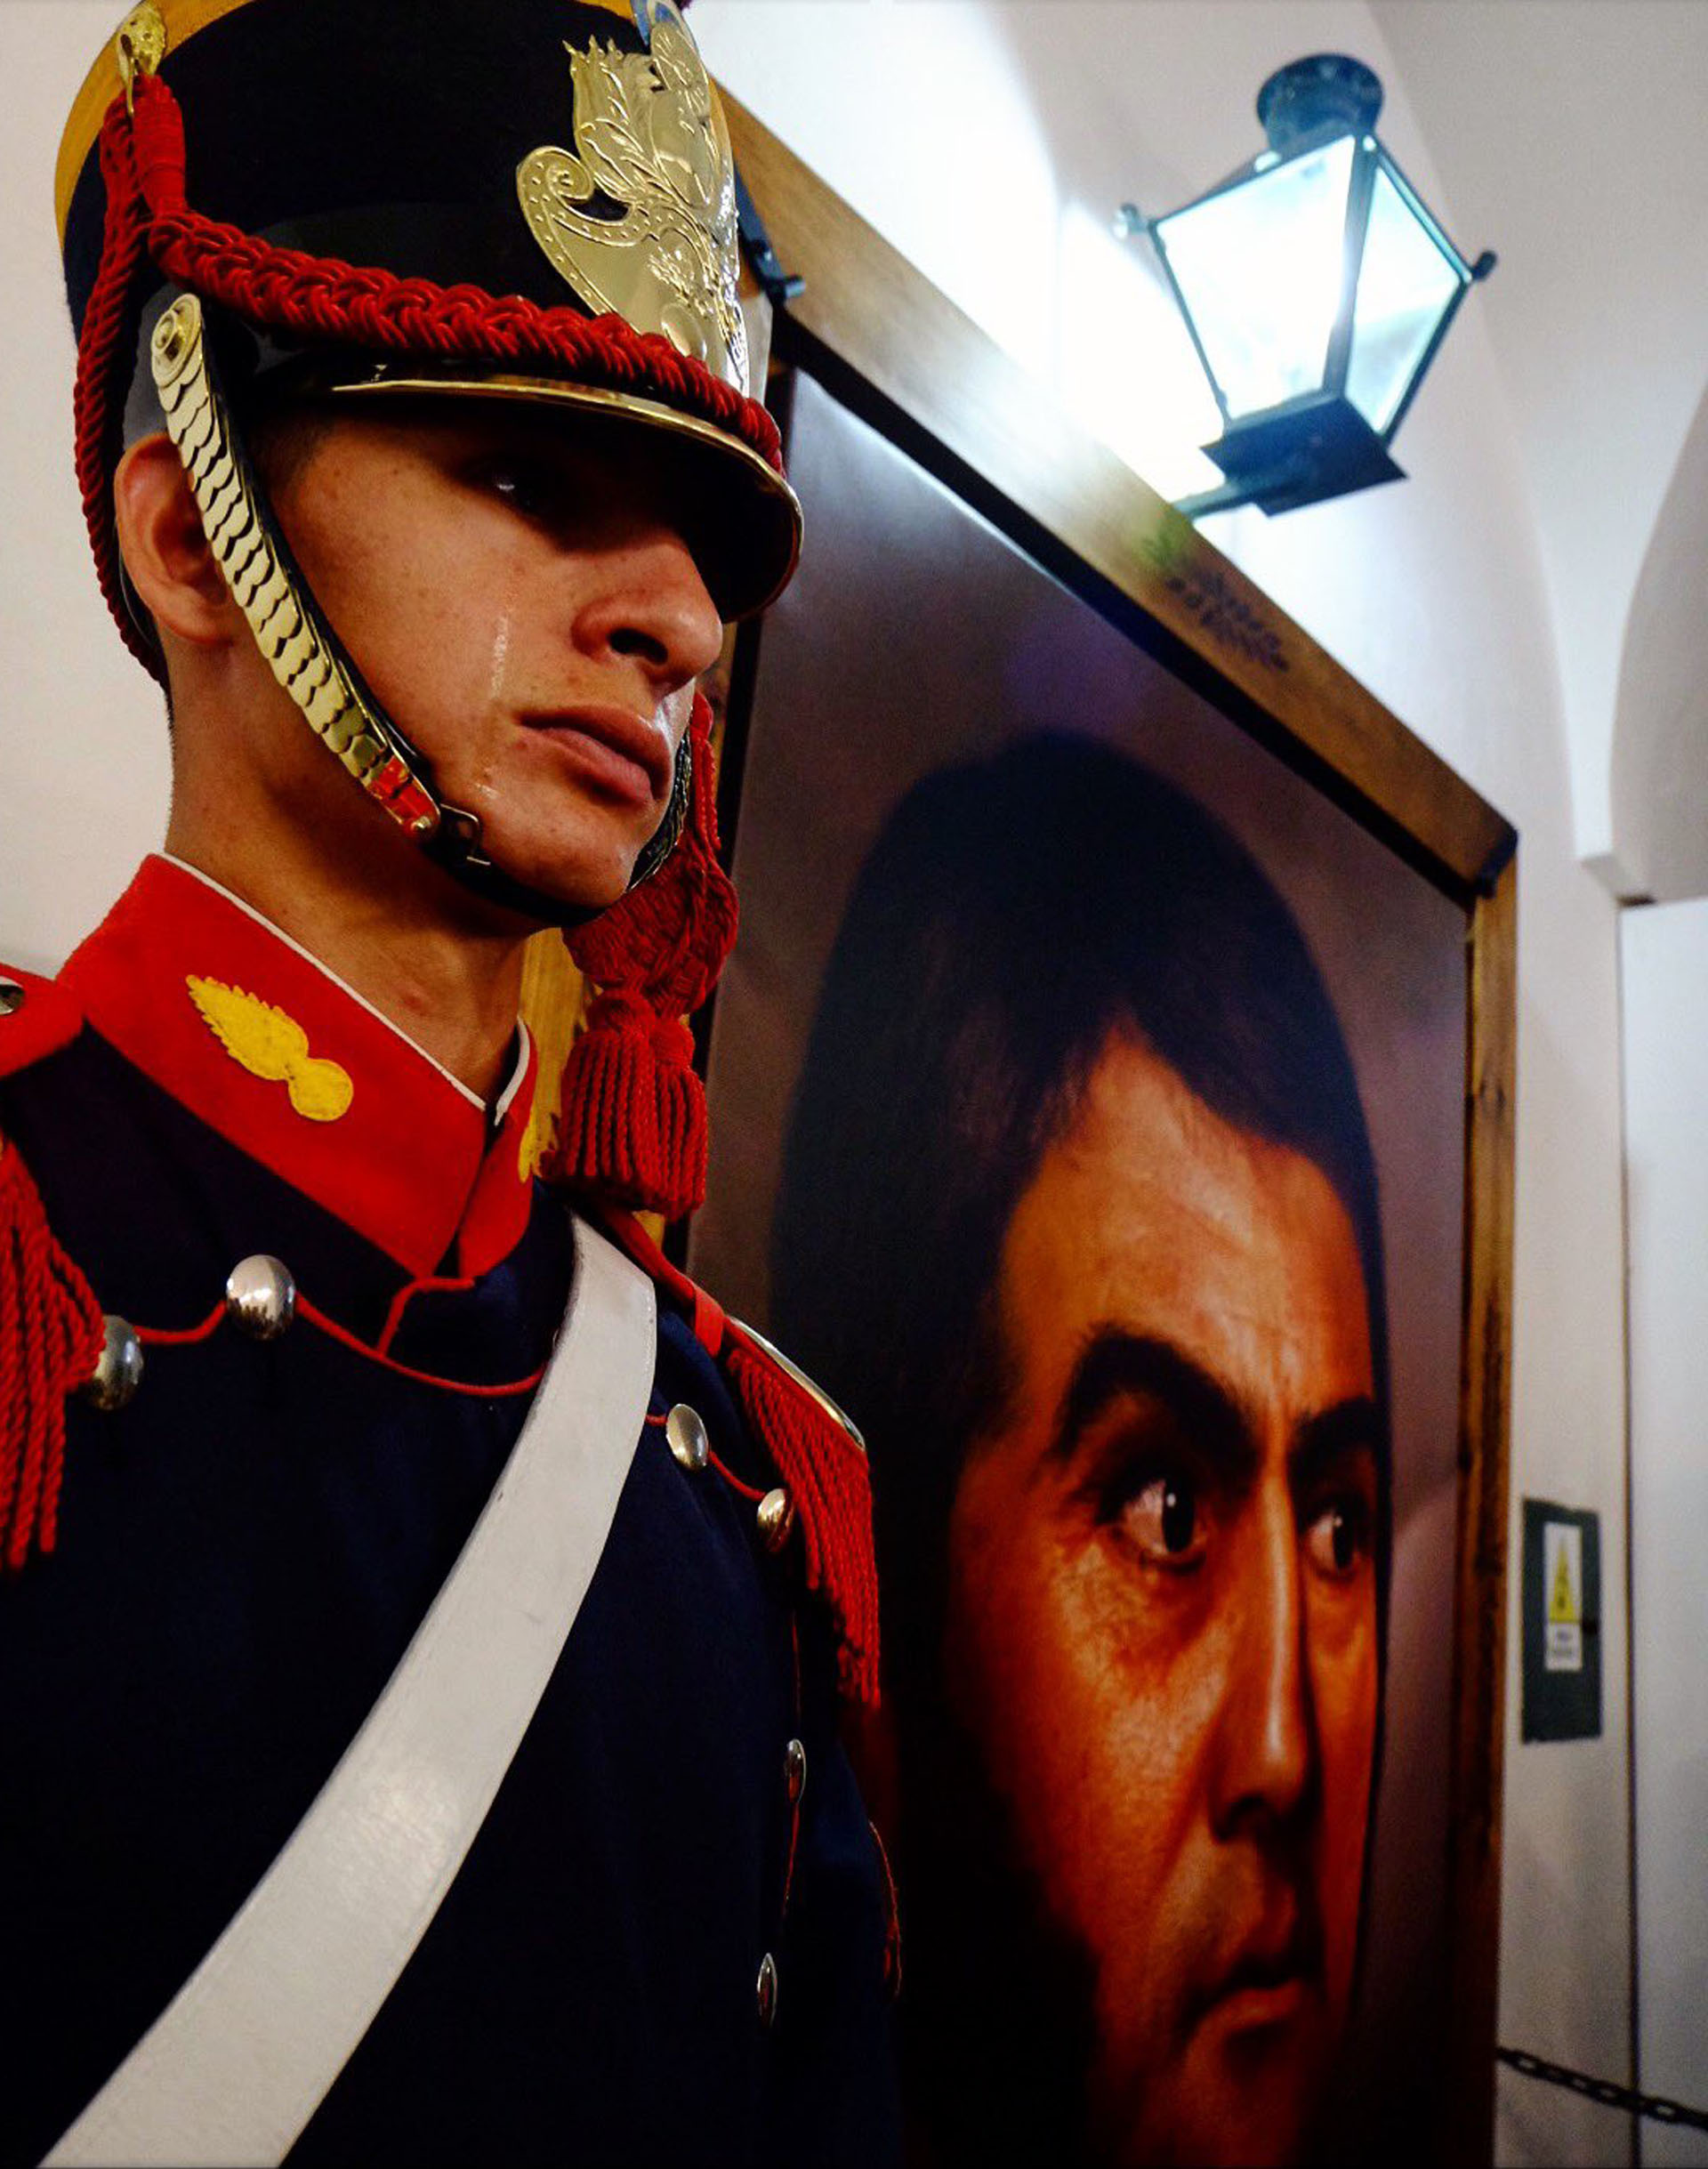 Darío Benítez presta servicio en la Casa Rosada y es el único granadero de su pueblo en Misiones (@Granaderosarg)